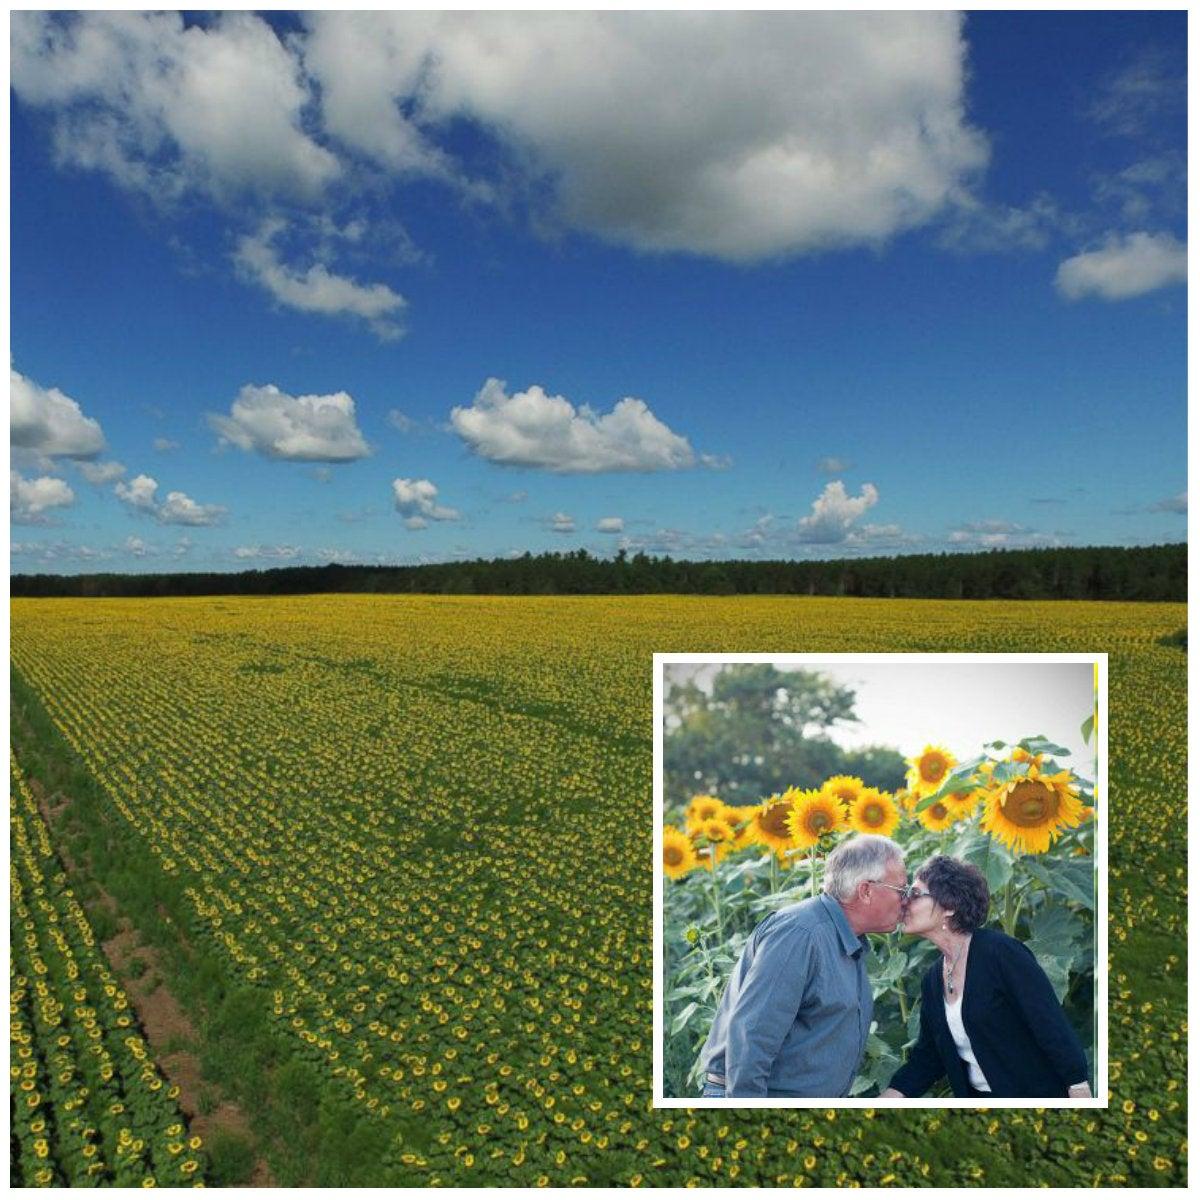 Planta seis kilómetros de girasoles en honor a su esposa fallecida